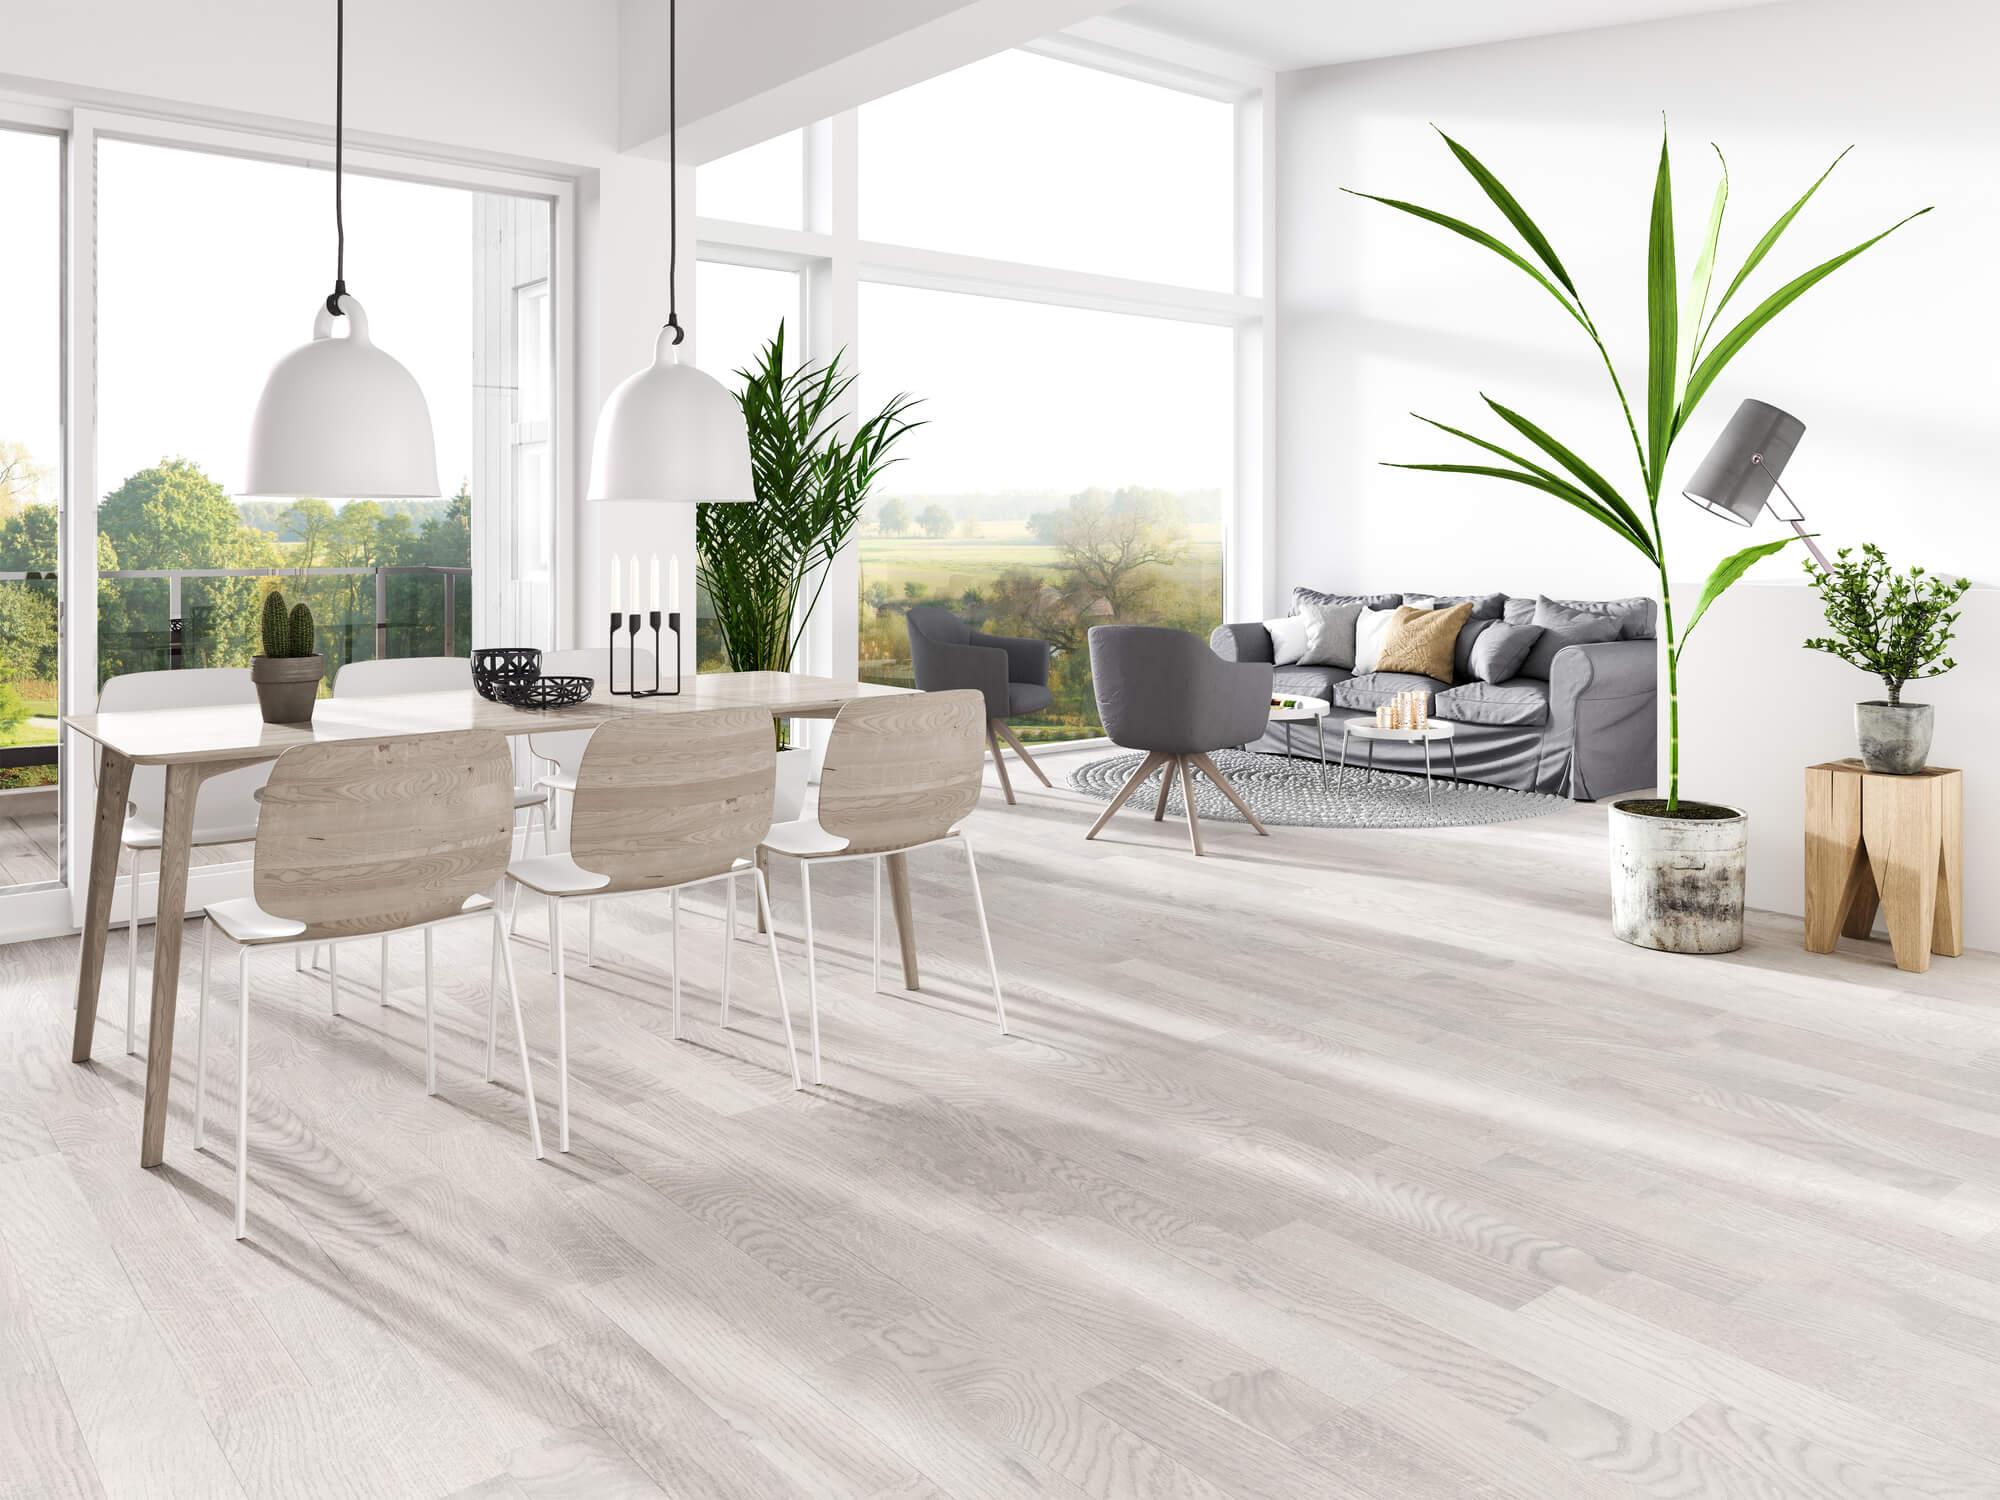 pavimenti e rivestimenti SVAI_Laminato grigio chiaro